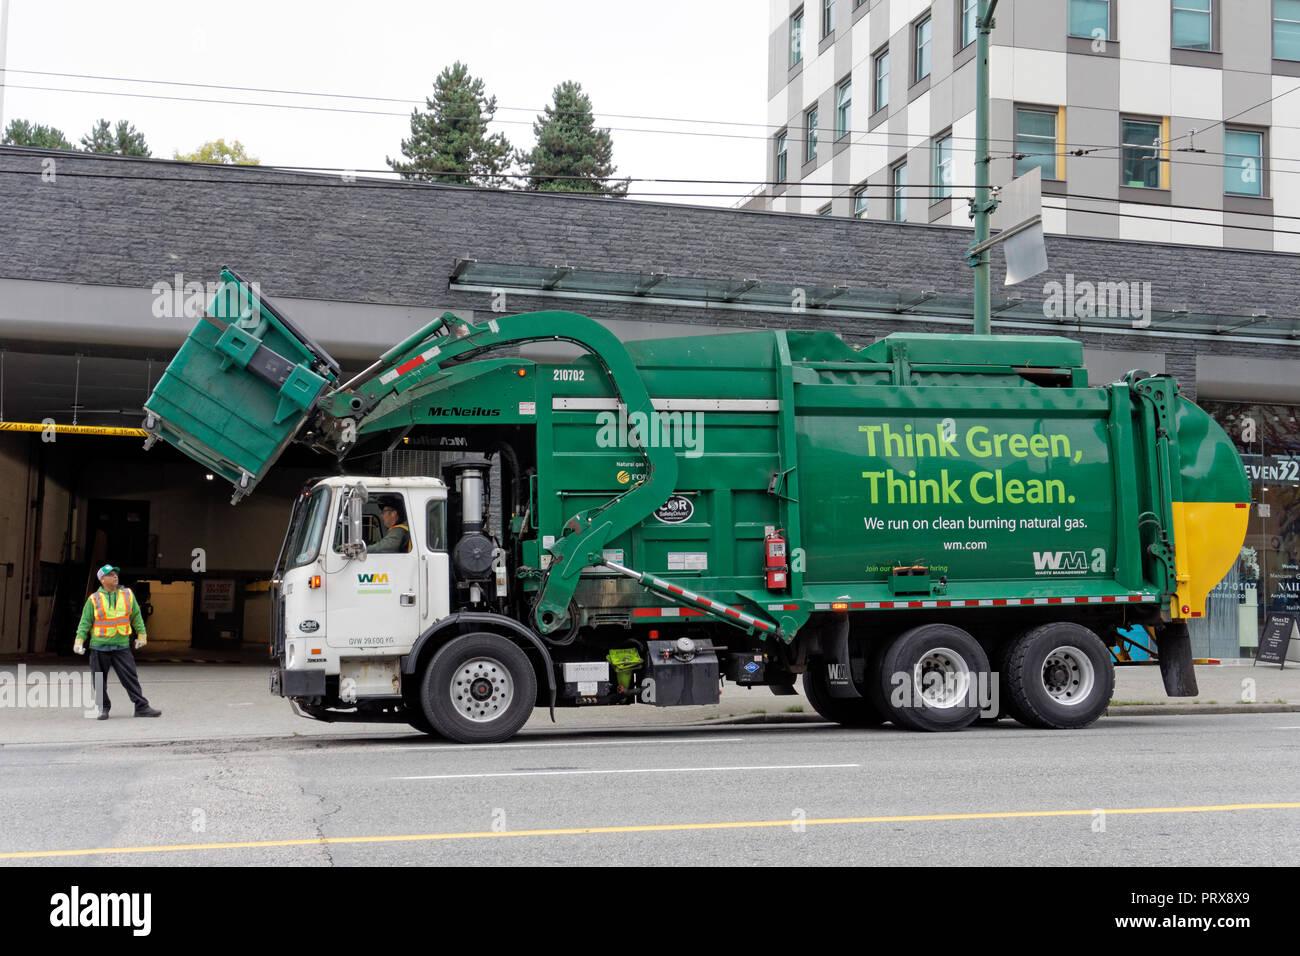 Gestión de residuos energía limpia verde de elevación de la carretilla de basura un contenedor, Vancouver, BC, Canadá Imagen De Stock